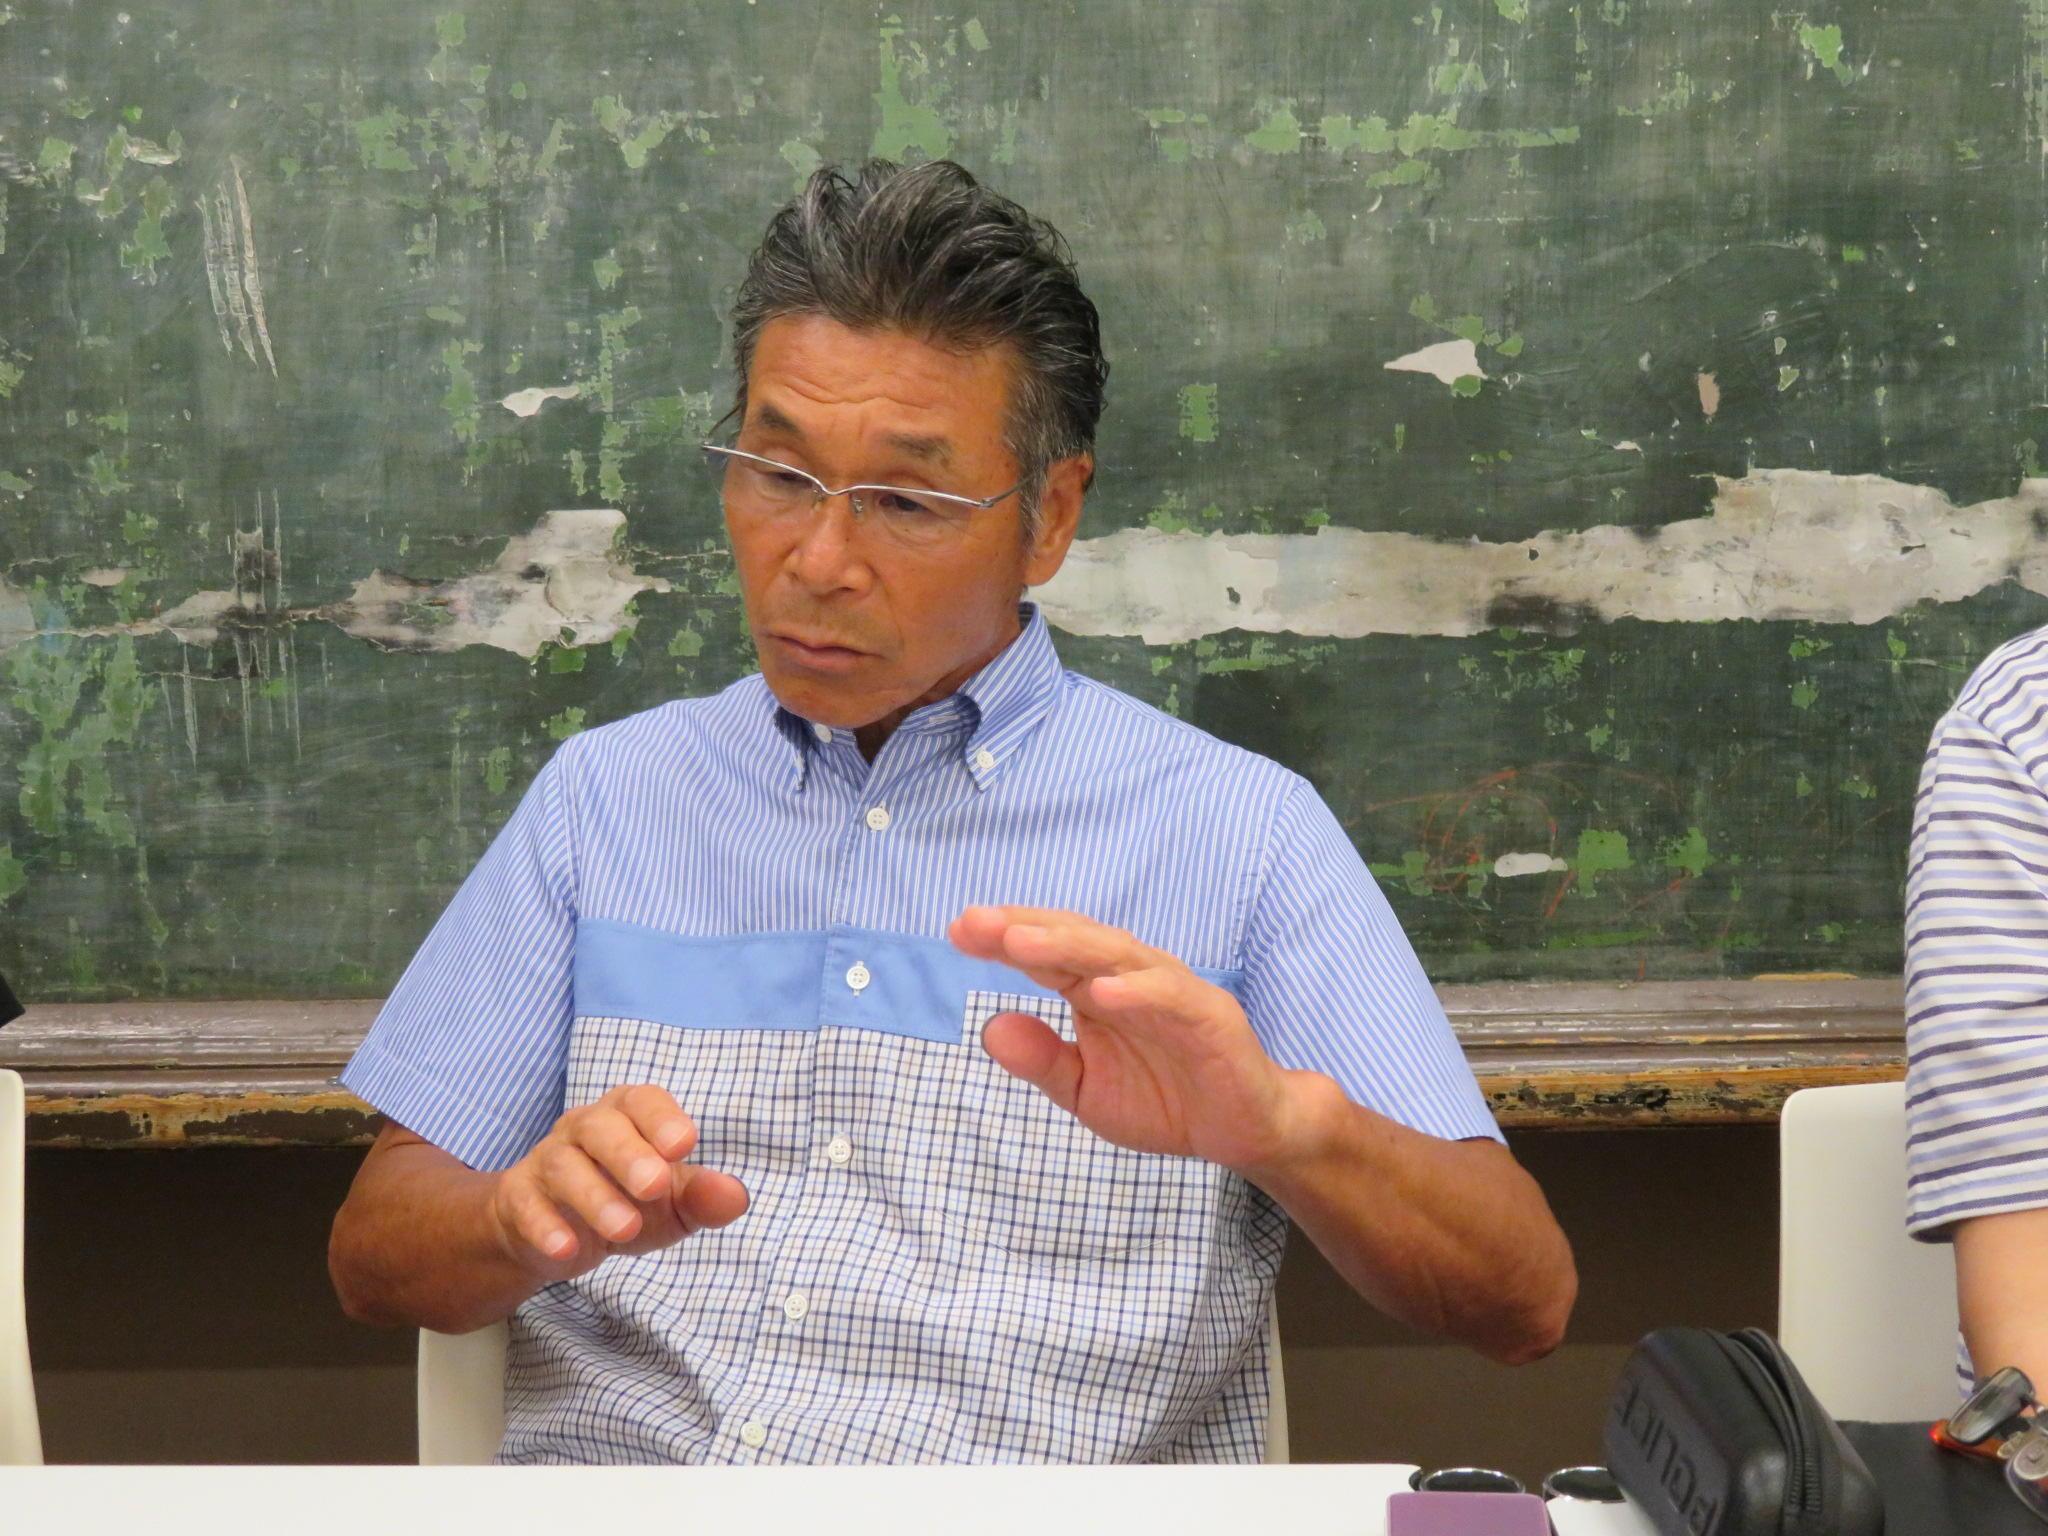 http://news.yoshimoto.co.jp/20180905232052-c2700584c2b1919286d3d18fcef41b1cce9c6532.jpg